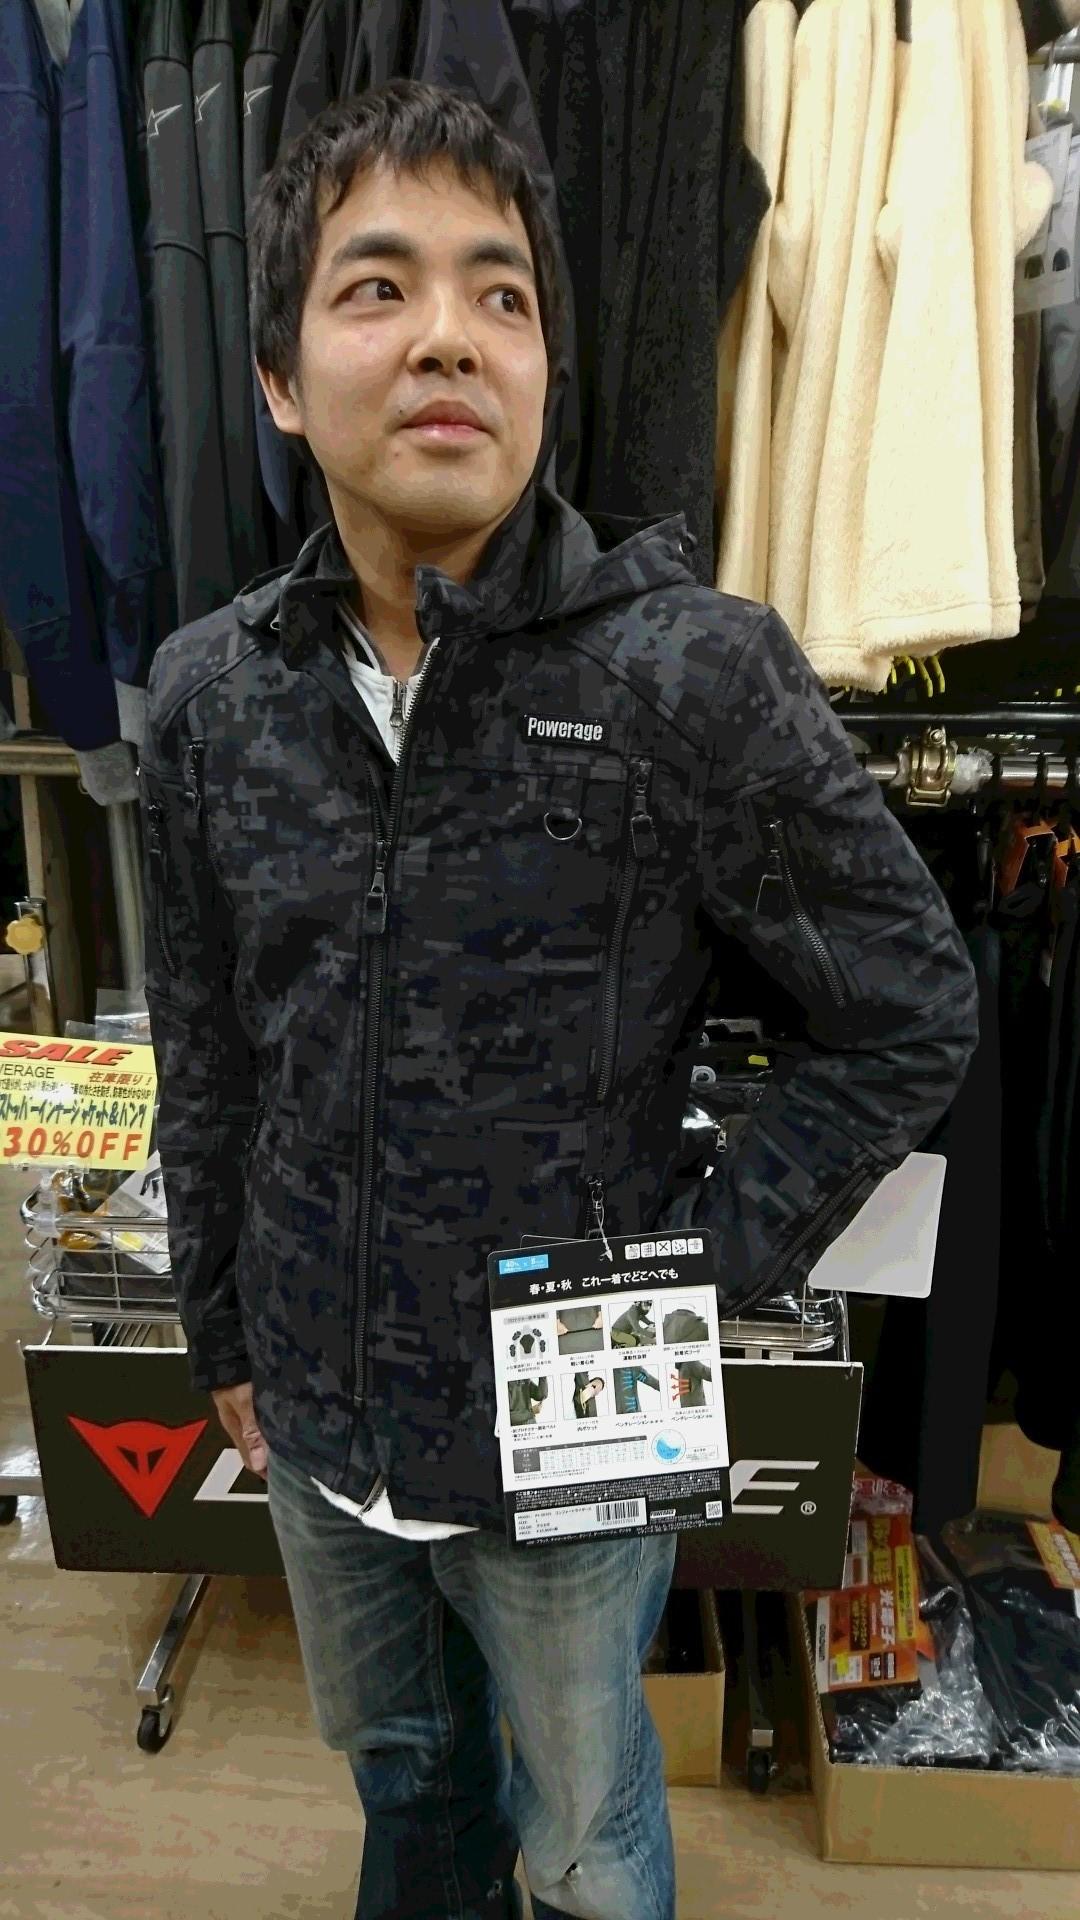 高松店・新作ジャケット情報【パワーエイジ】_b0163075_12444613.jpg